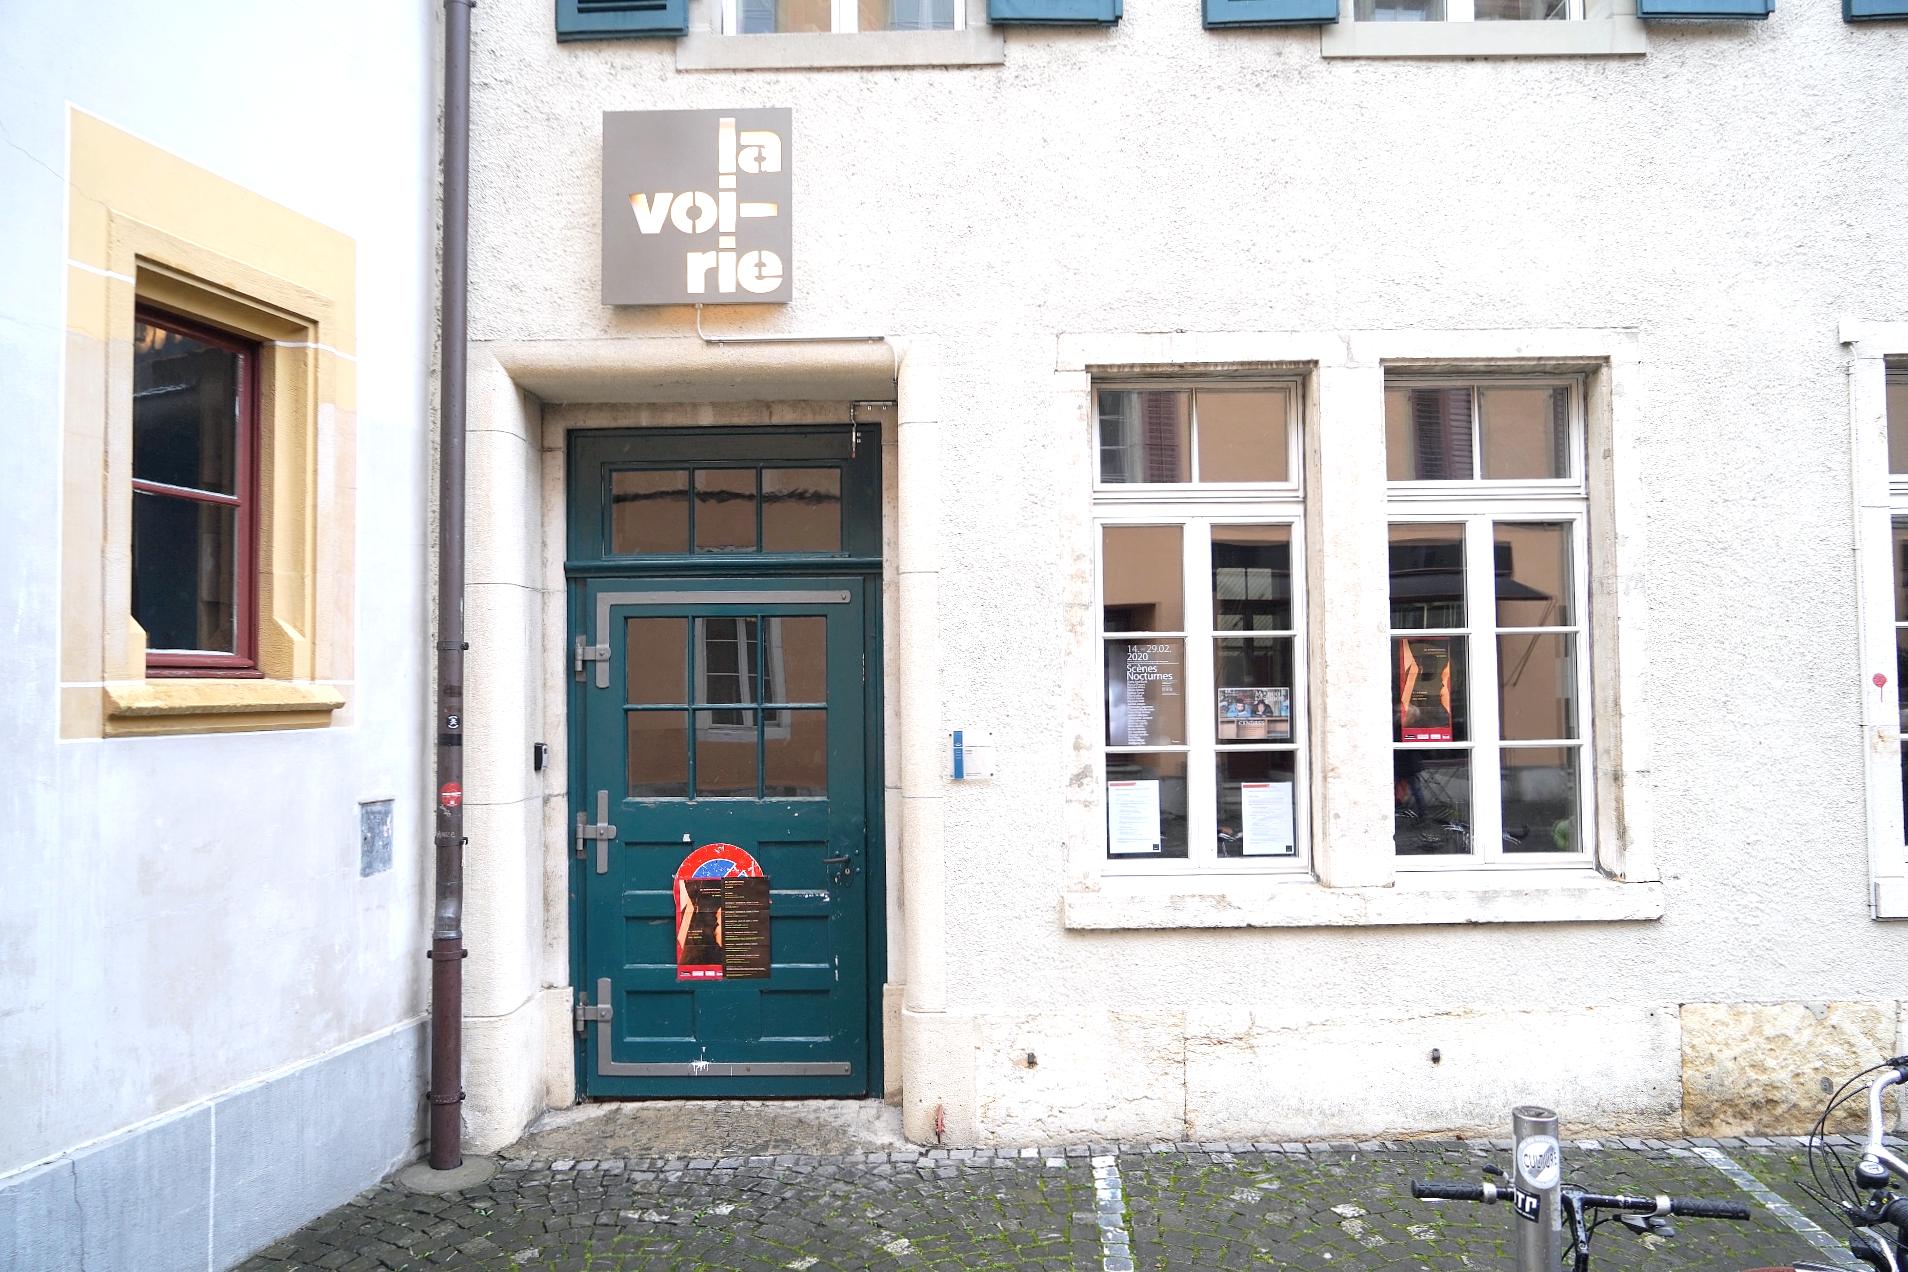 Voirie_Licht_2020_bearbeitet